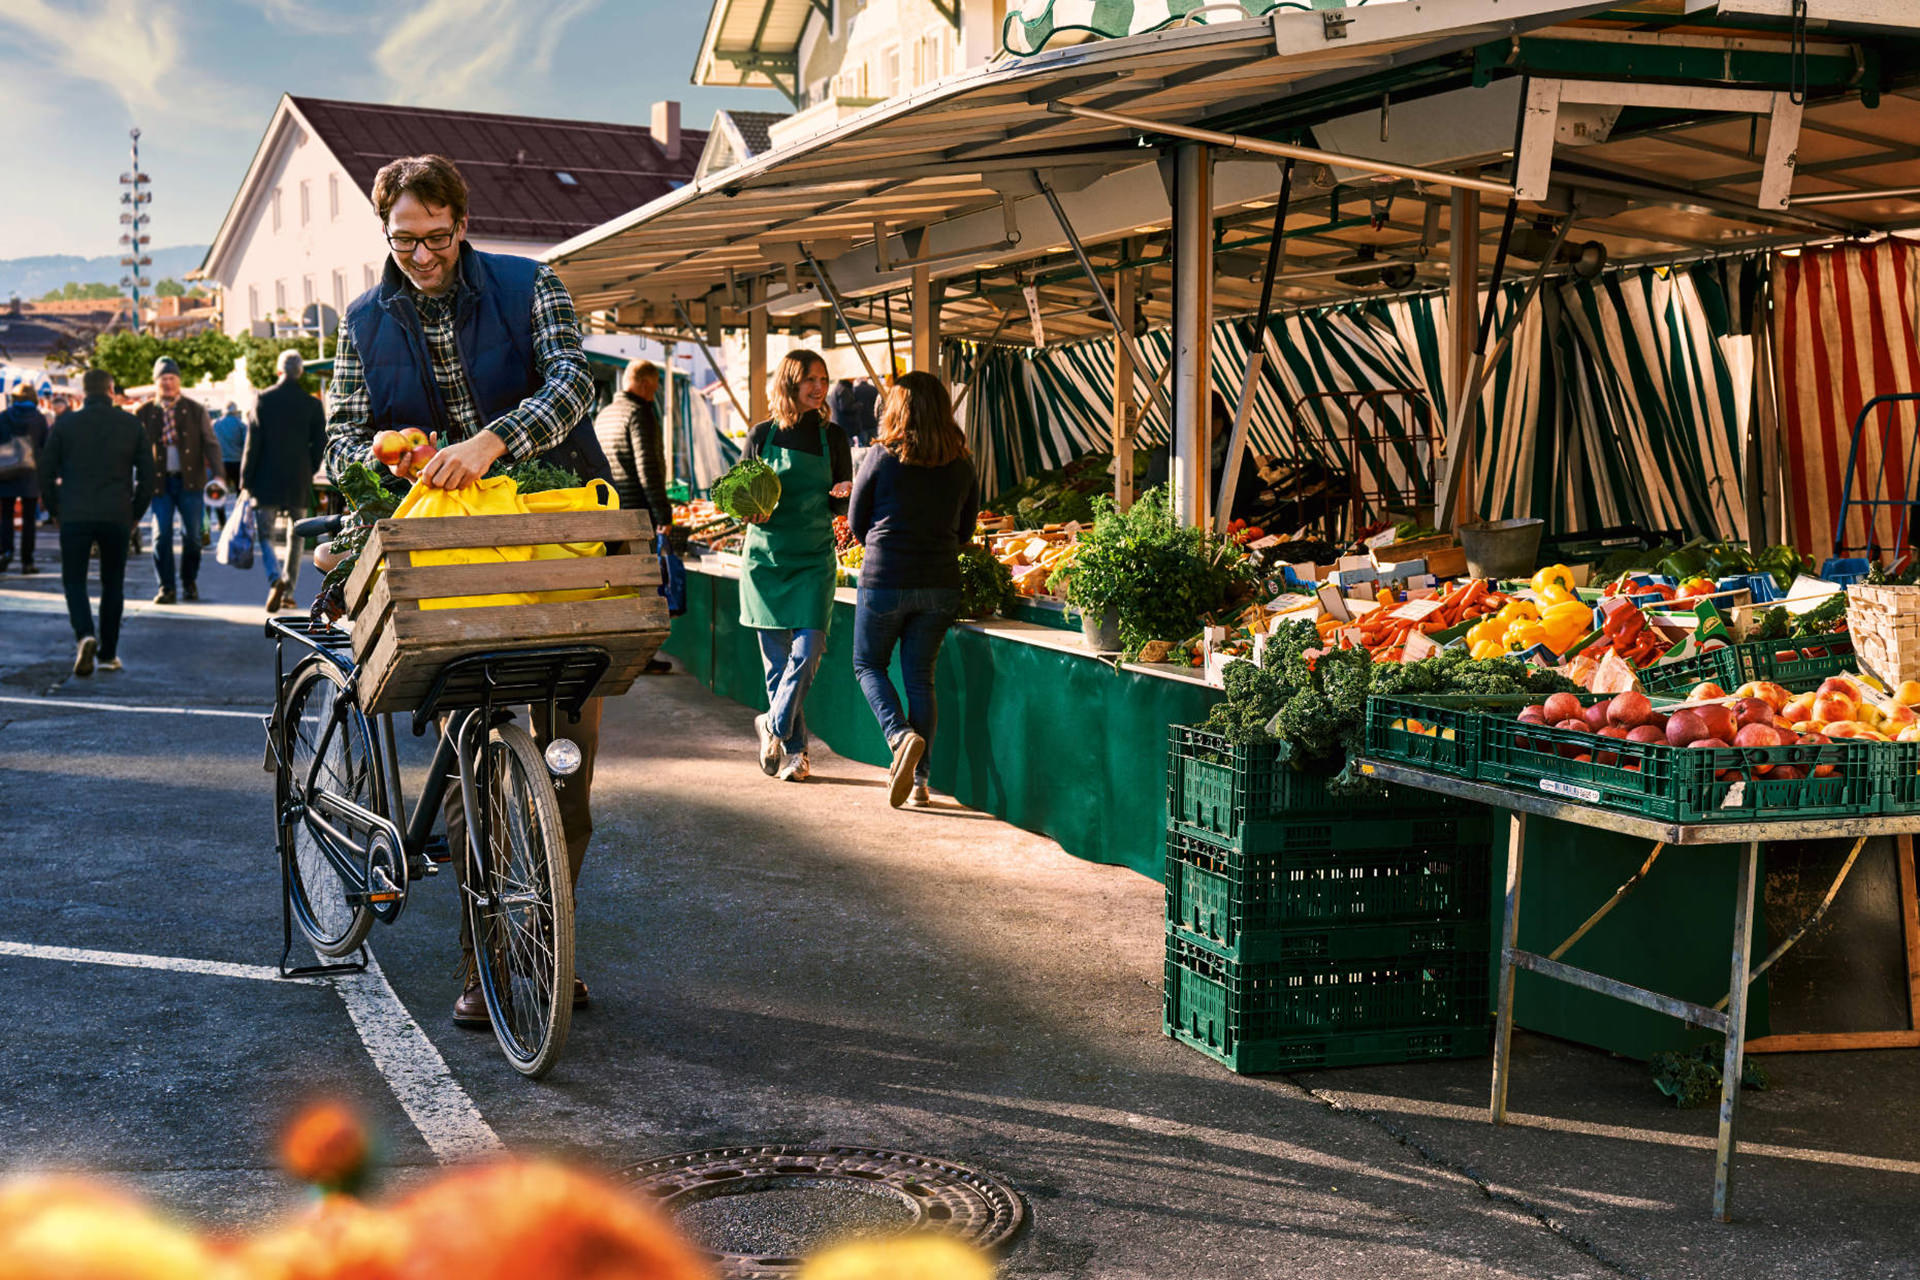 markt-vielfalt-regional-land-fahrrad